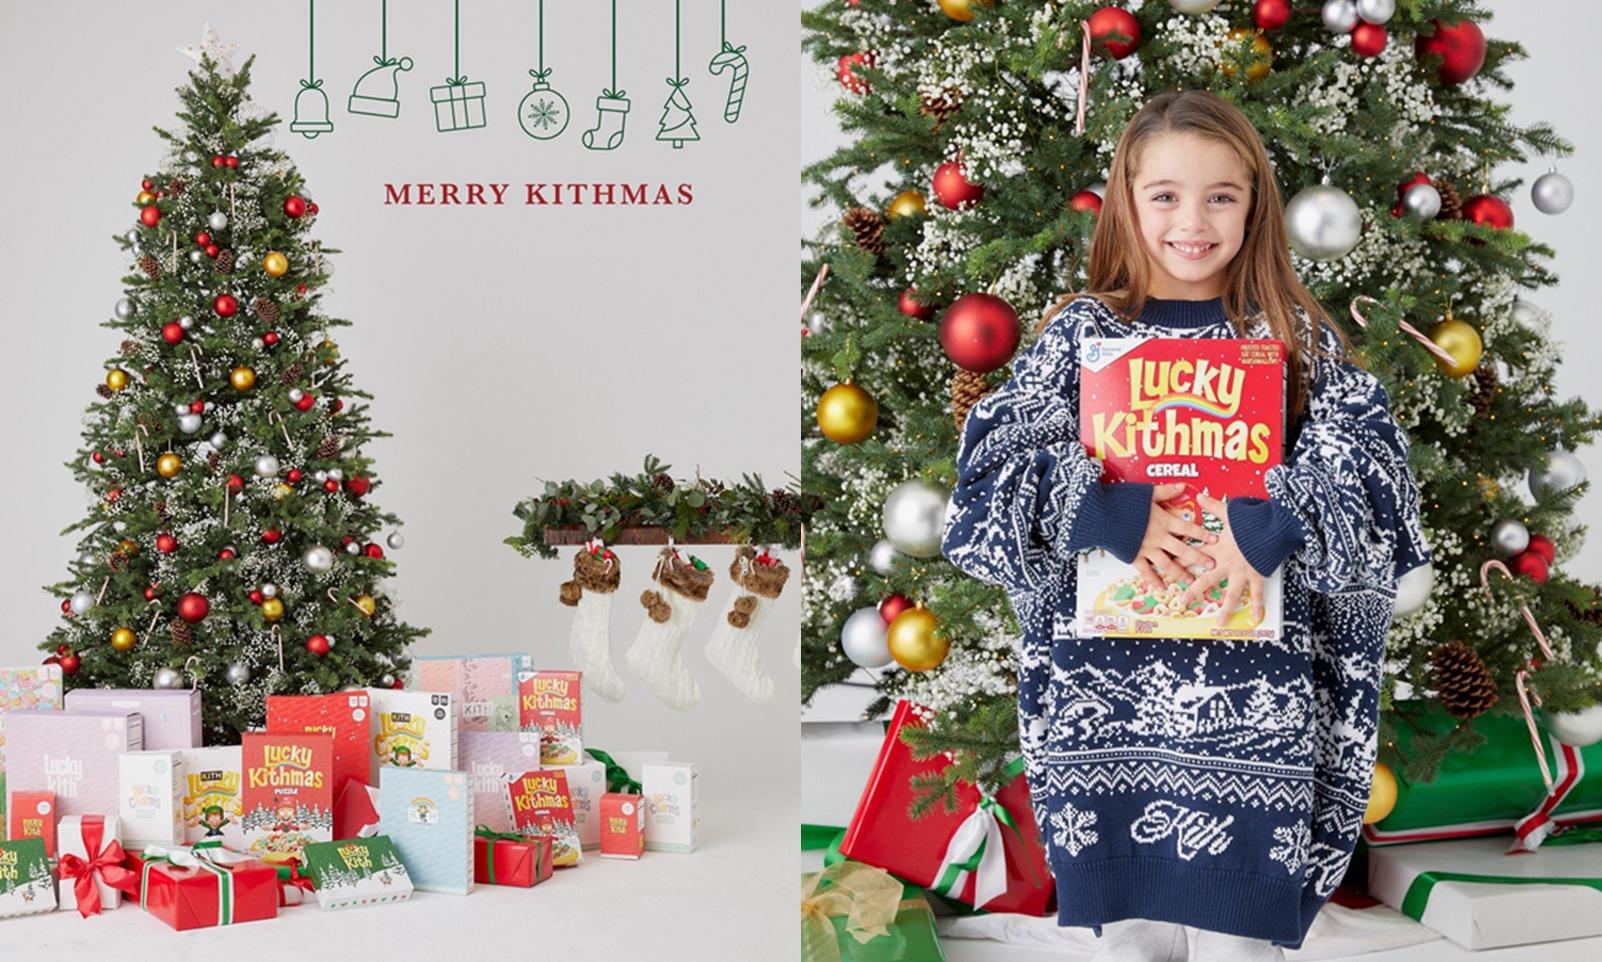 KITH 推出「Lucky Kithmas」圣诞庆典系列